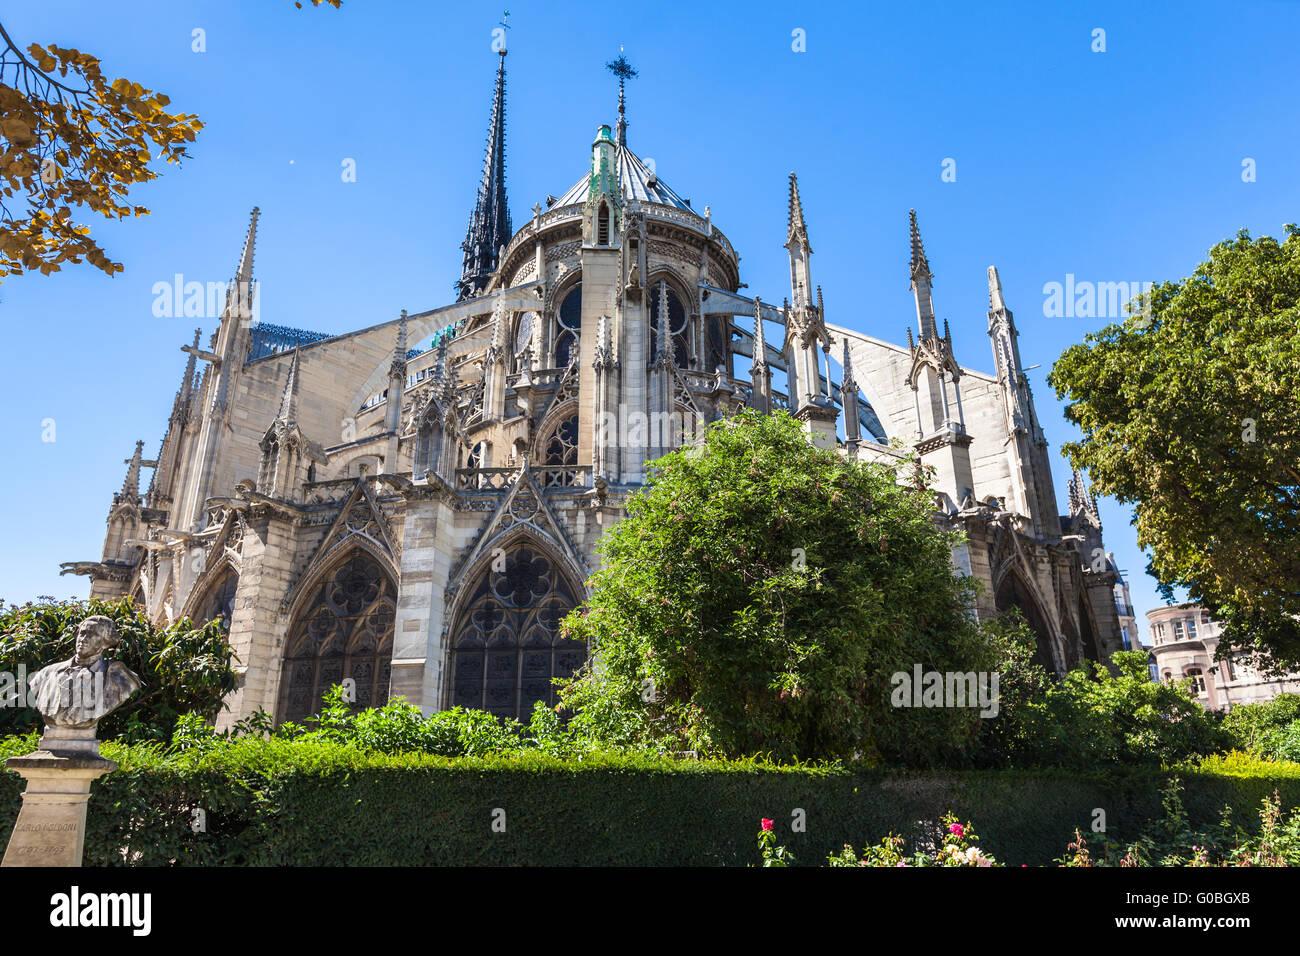 Vista posterior de la catedral de Notre Dame en París, Francia Foto de stock